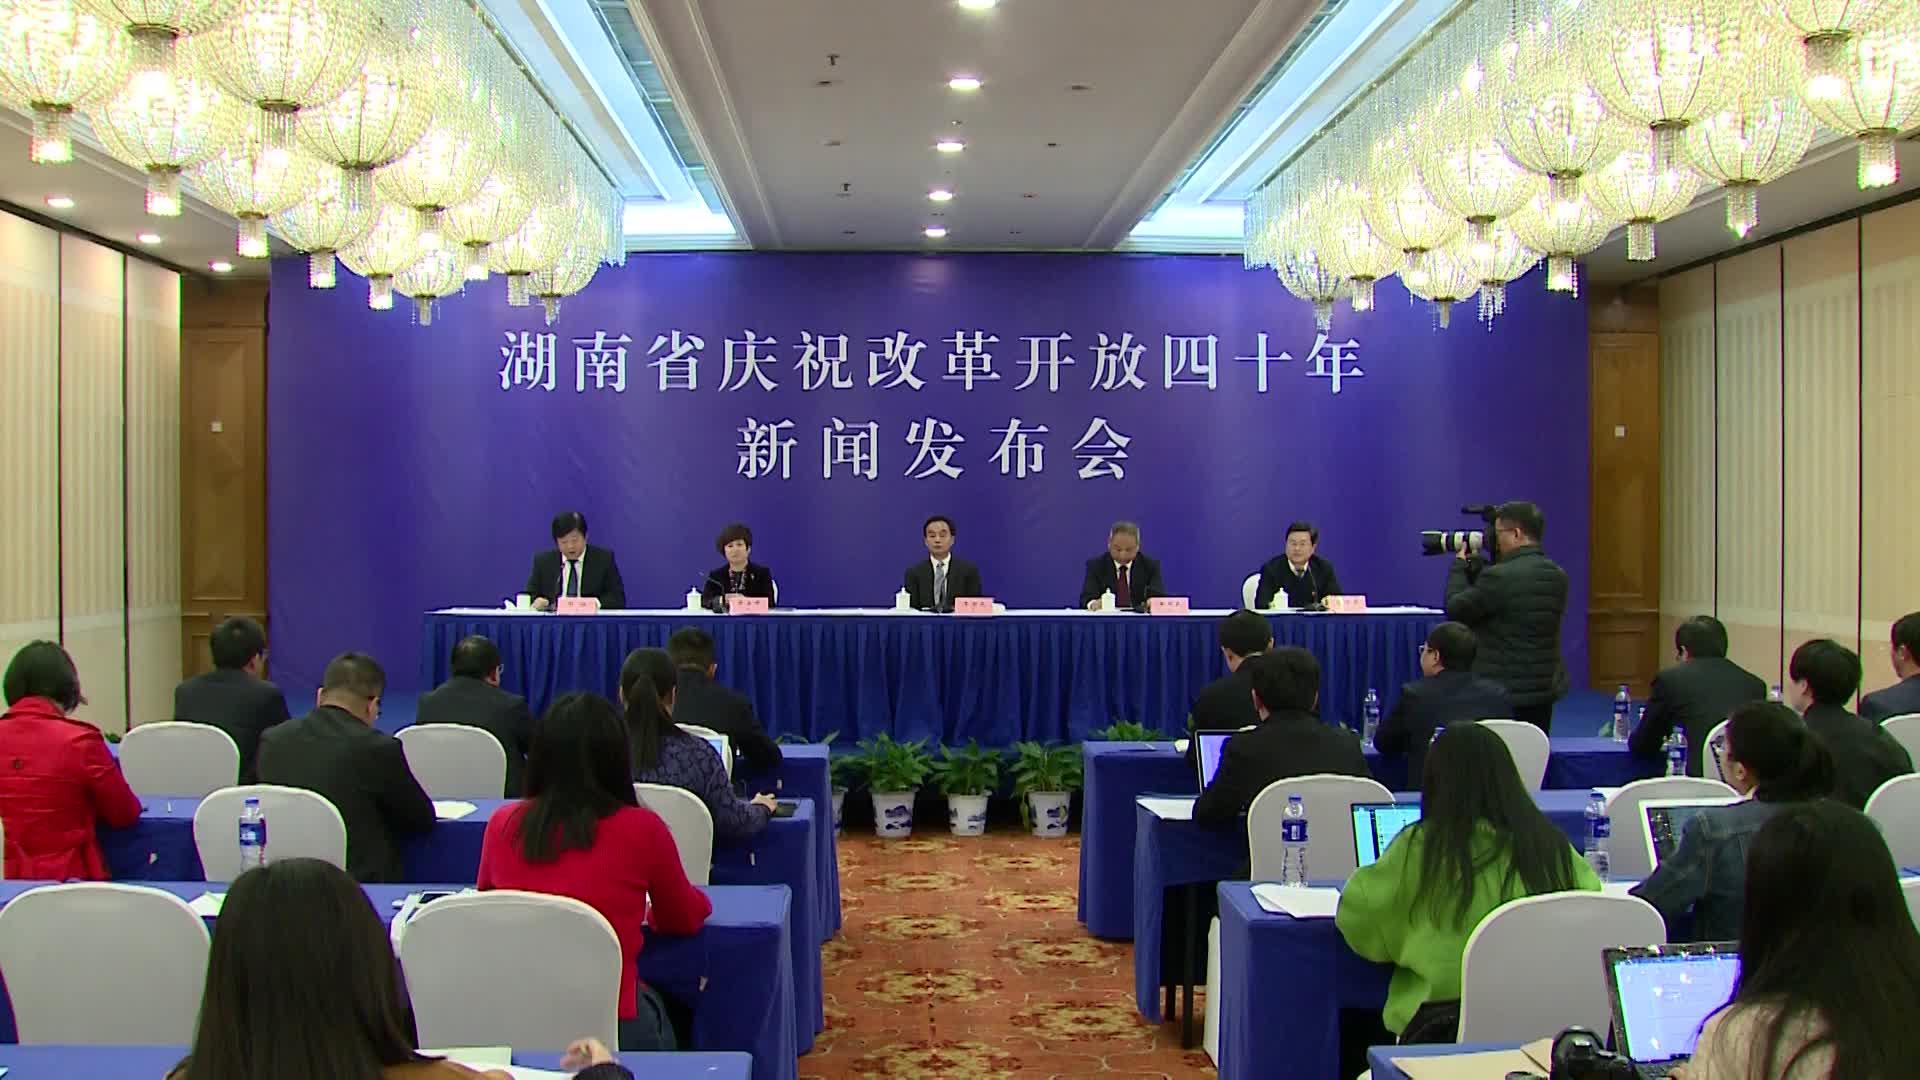 改革开放40年:湖南正风肃纪反腐成效显著